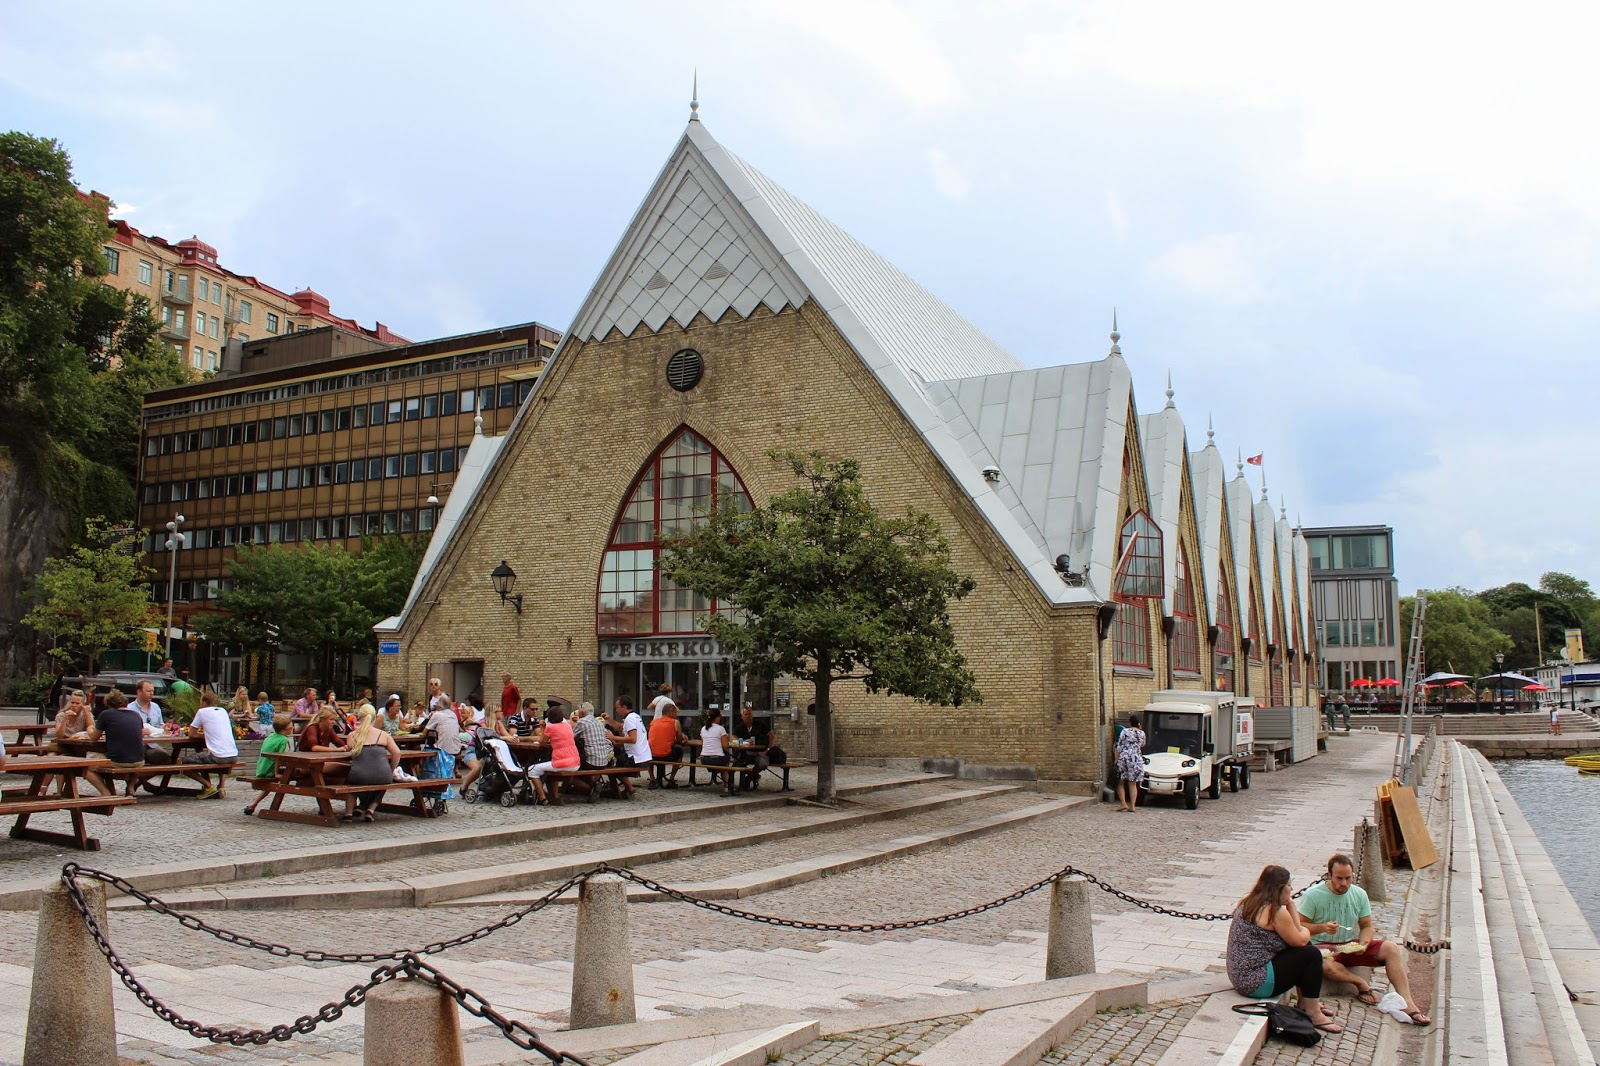 http://mazedays.blogspot.com/2014/08/road-trip-goteborg-2.html